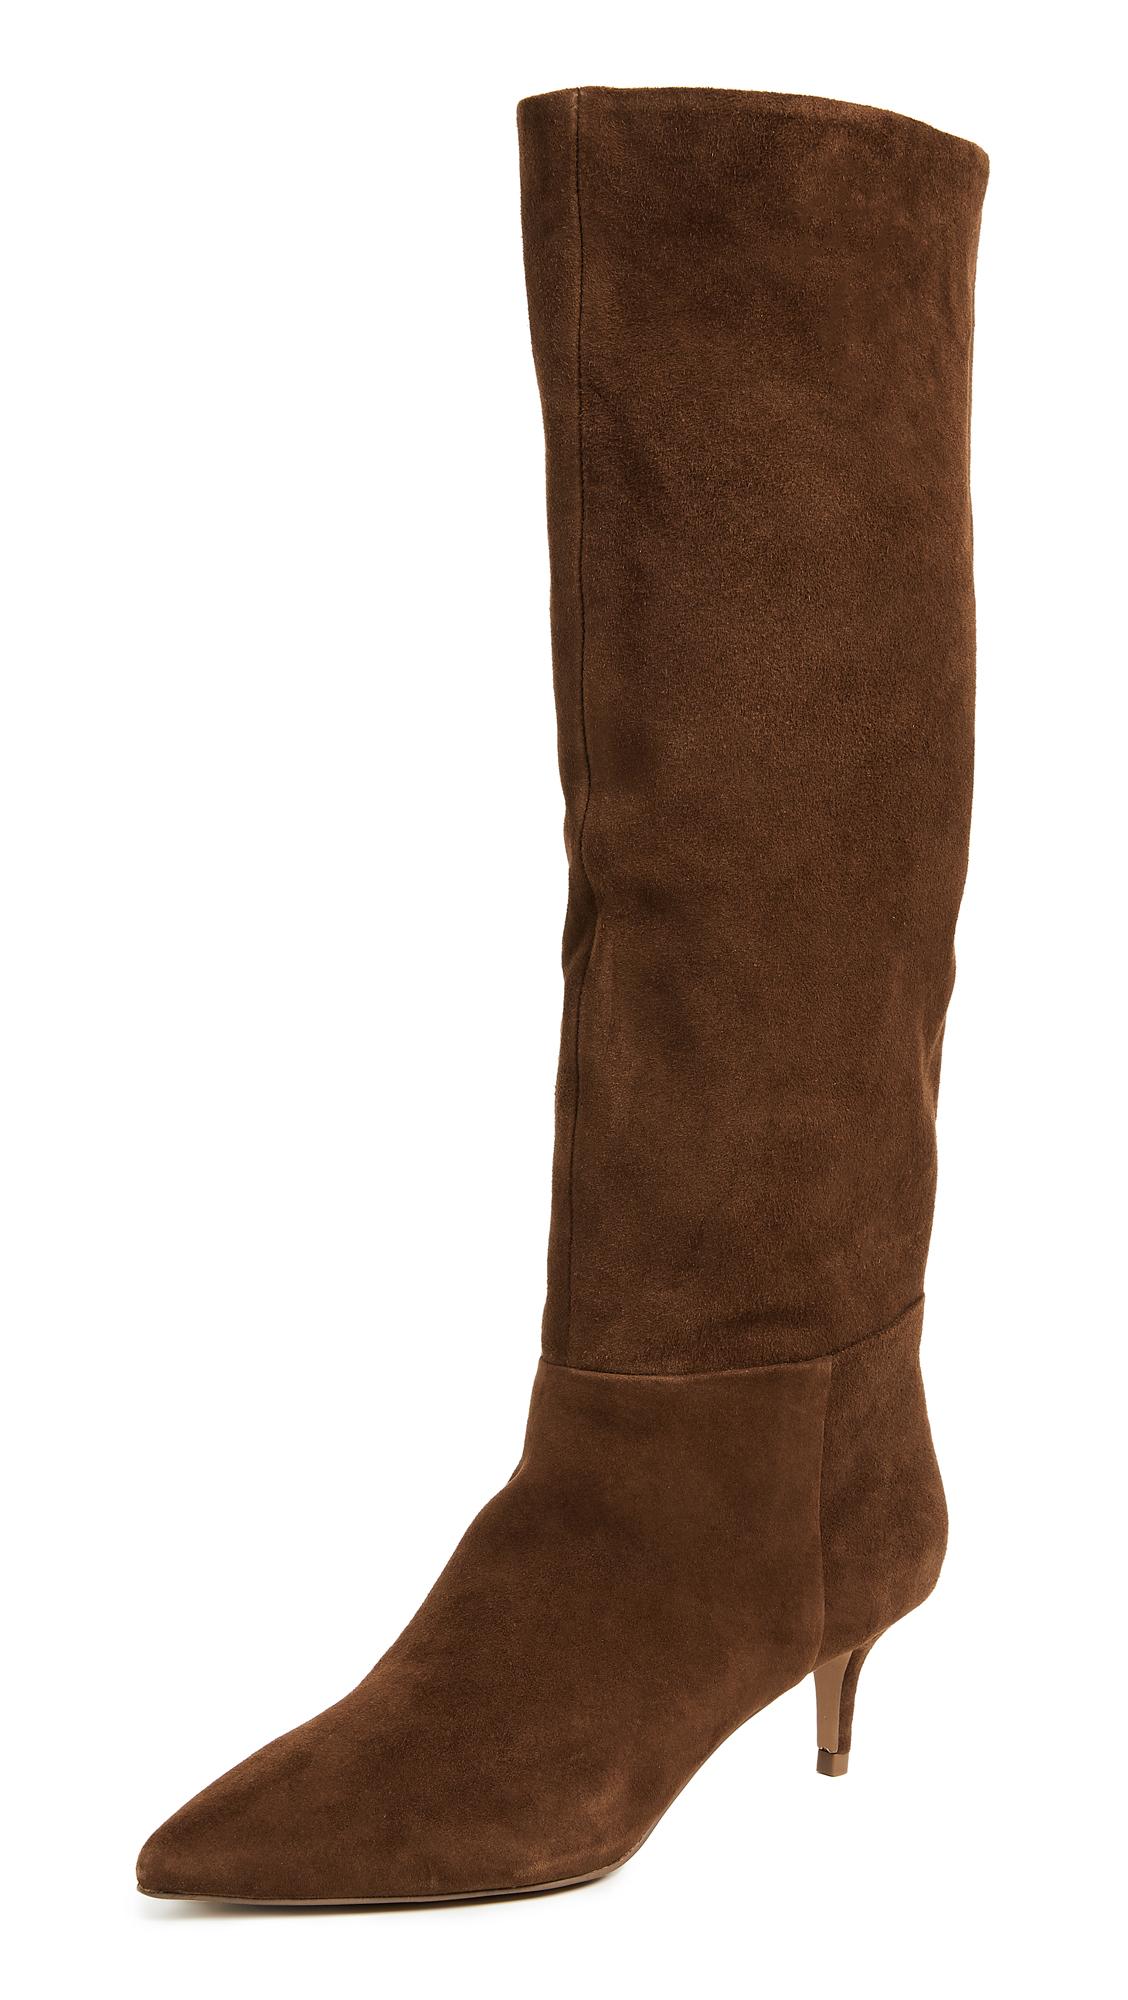 Steven Kirby Tall Boots - Chestnut